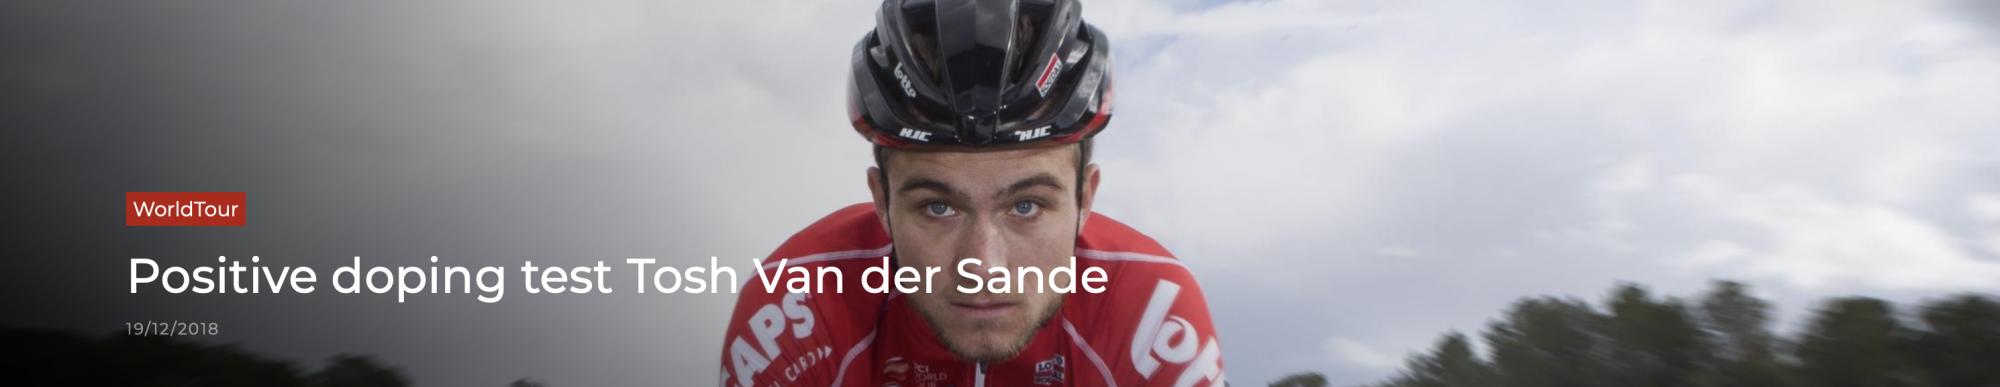 Tosh Van der Sande positivo e sospeso dalla Lotto-Soudal